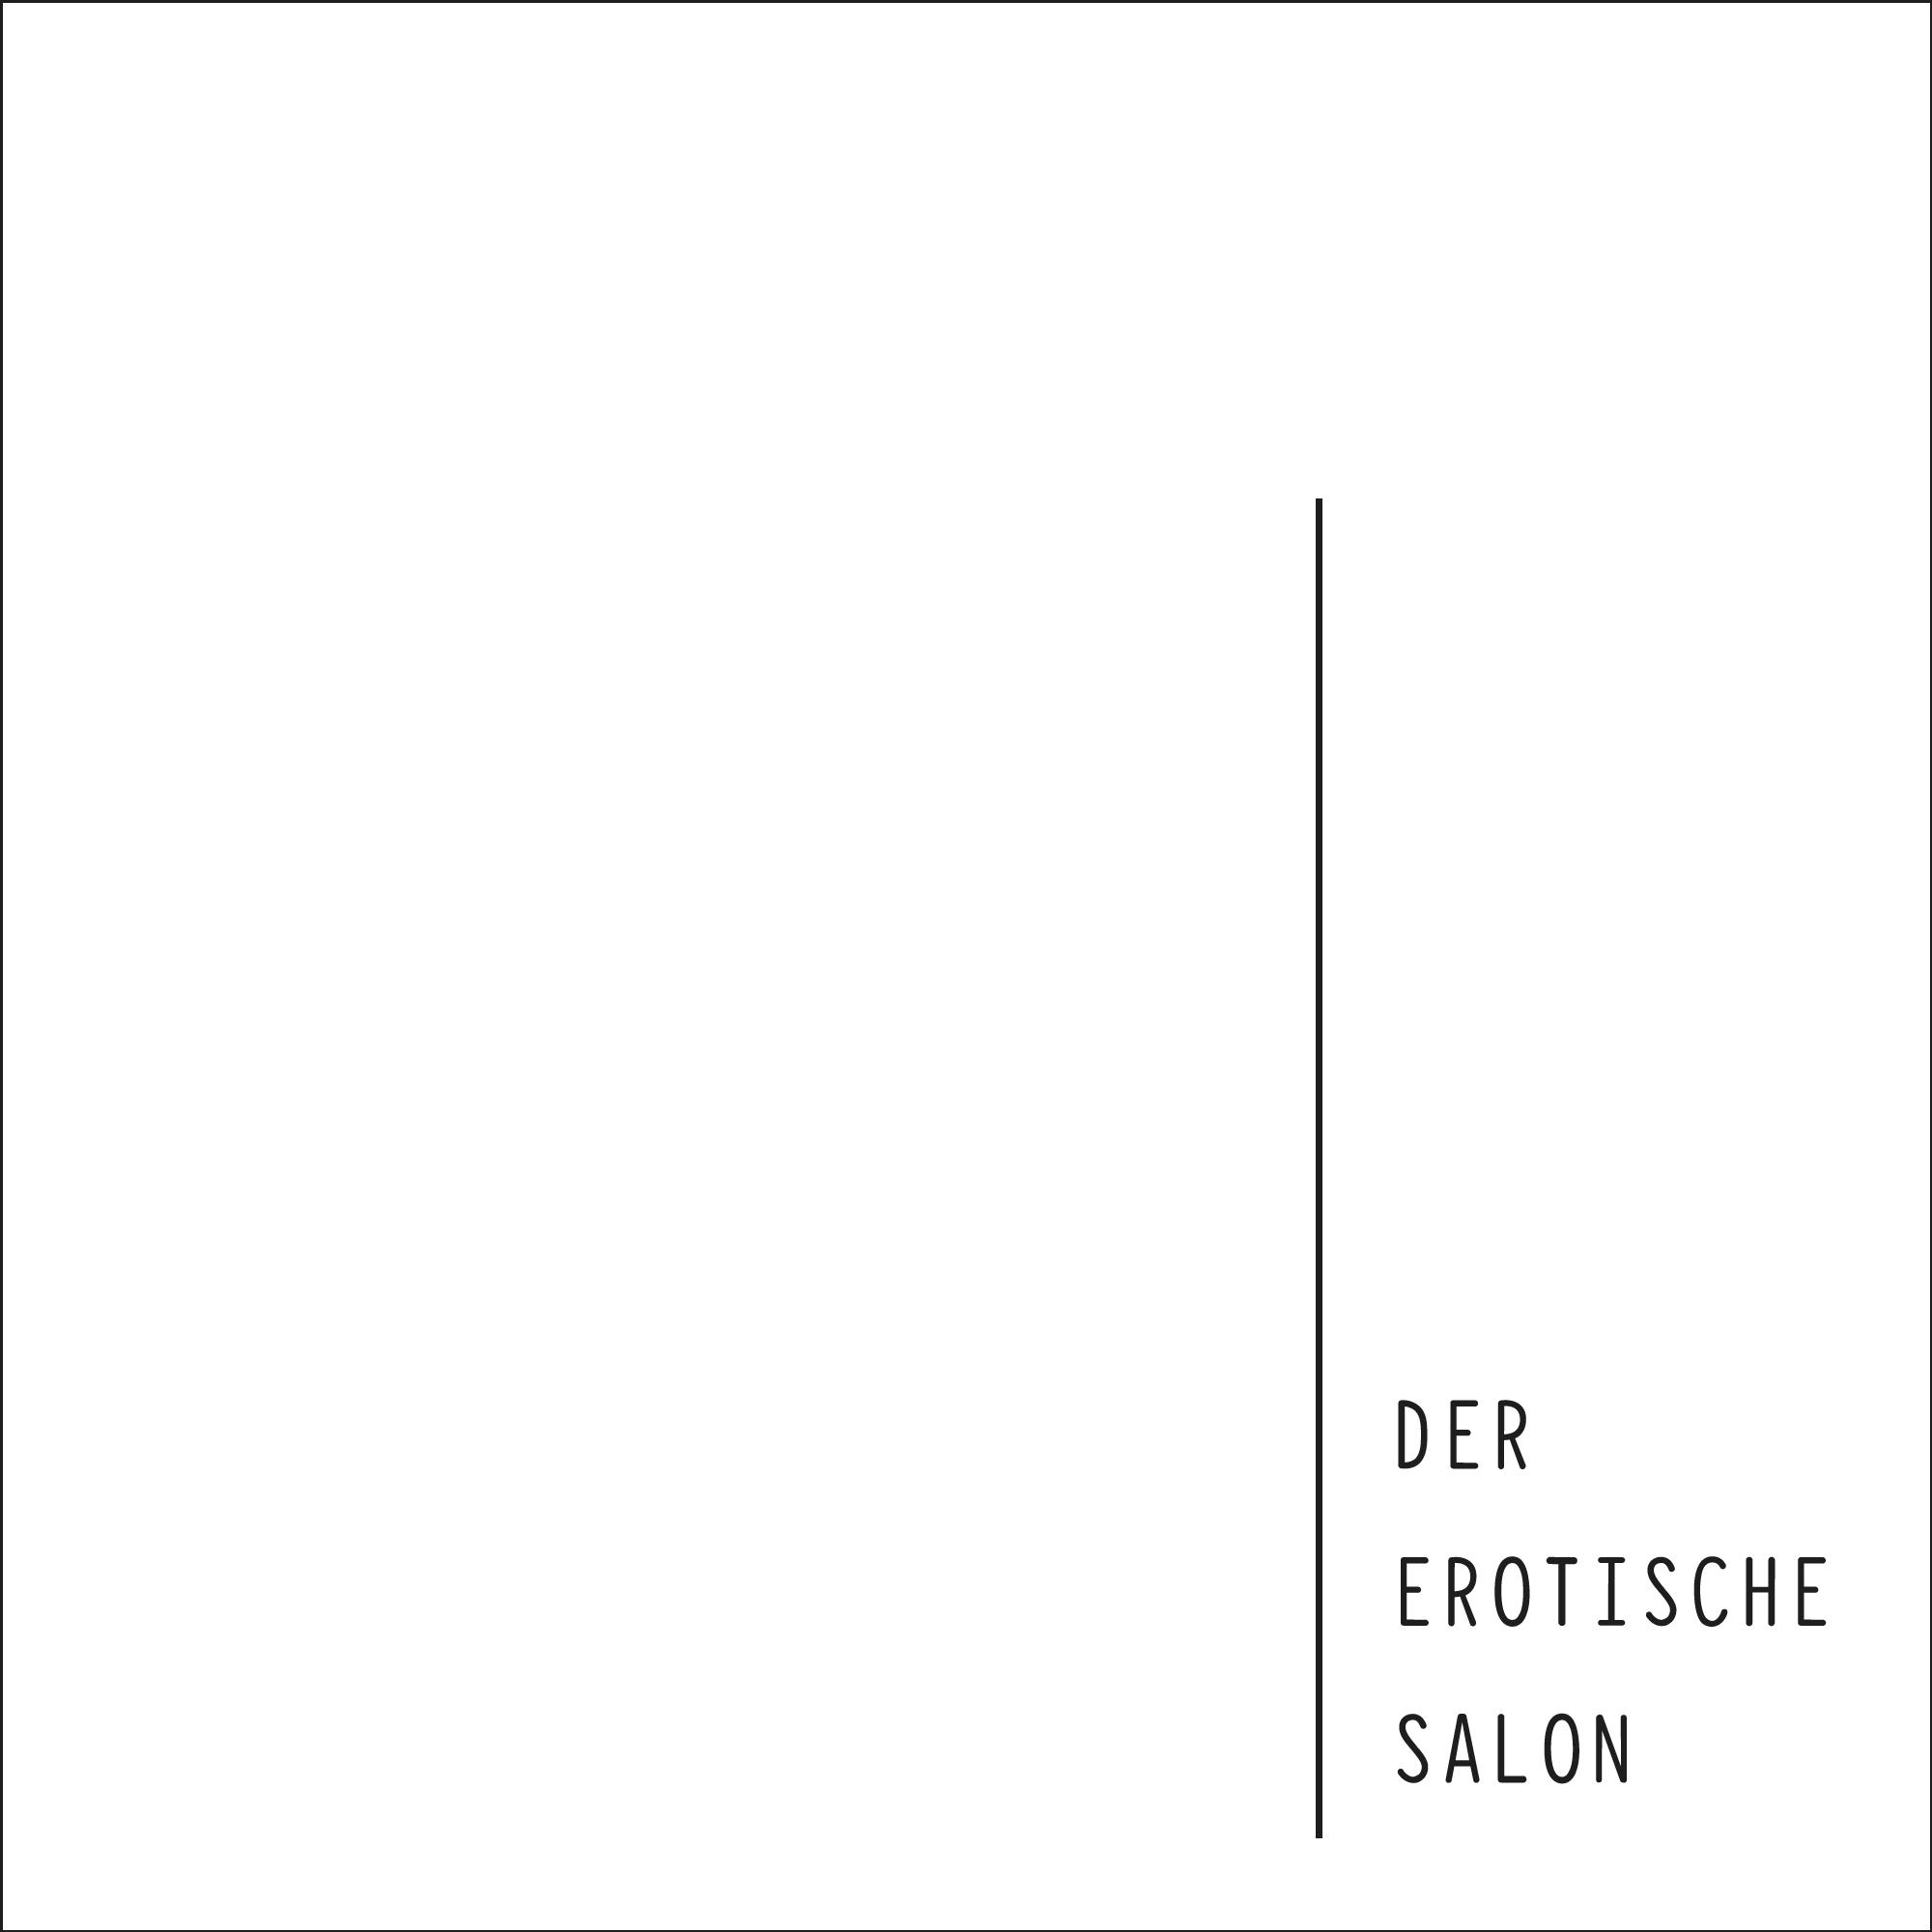 Der erotische Salon